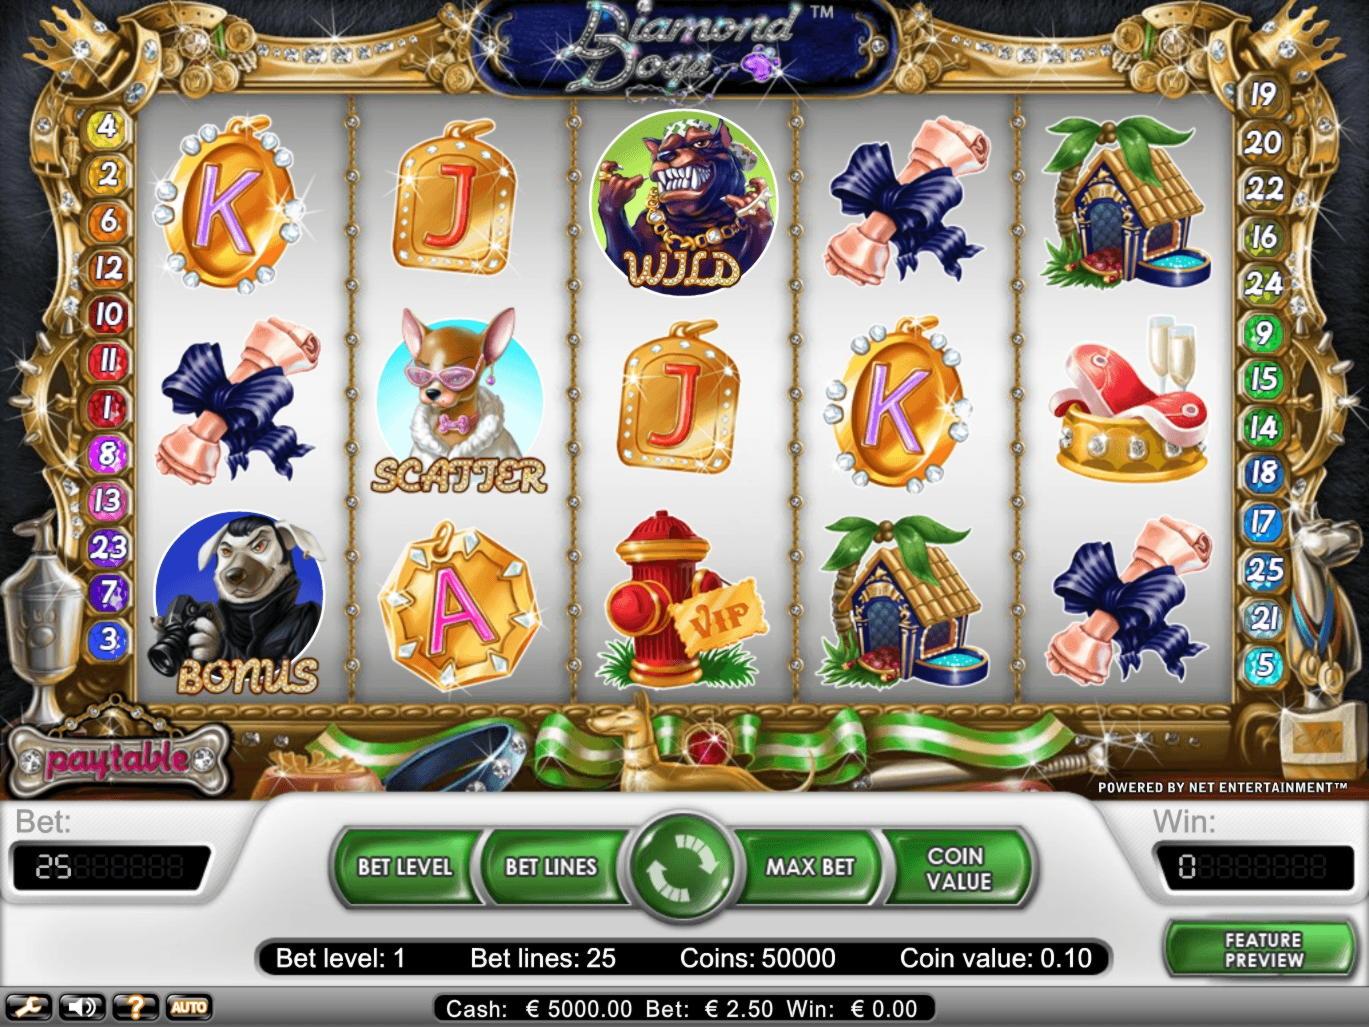 คาสิโนฟรี 115 หมุนที่ Ignition Casino